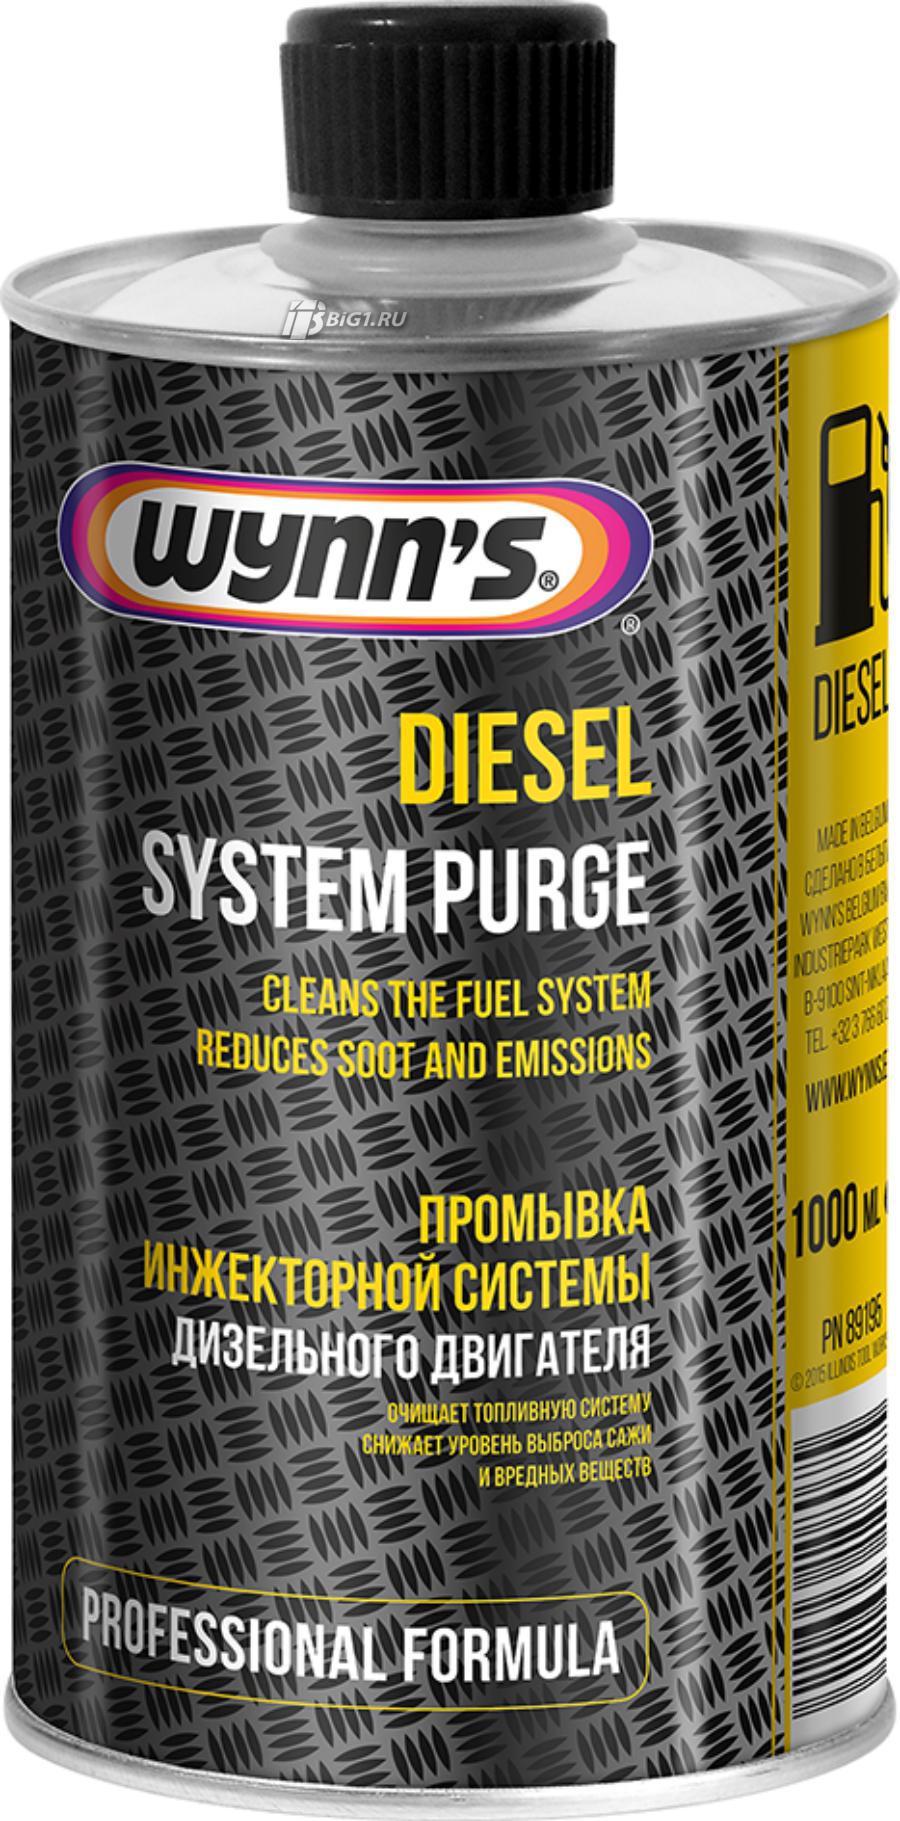 """Wynn's Очиститель форсунок """"Diesel System Purge"""", 1л"""